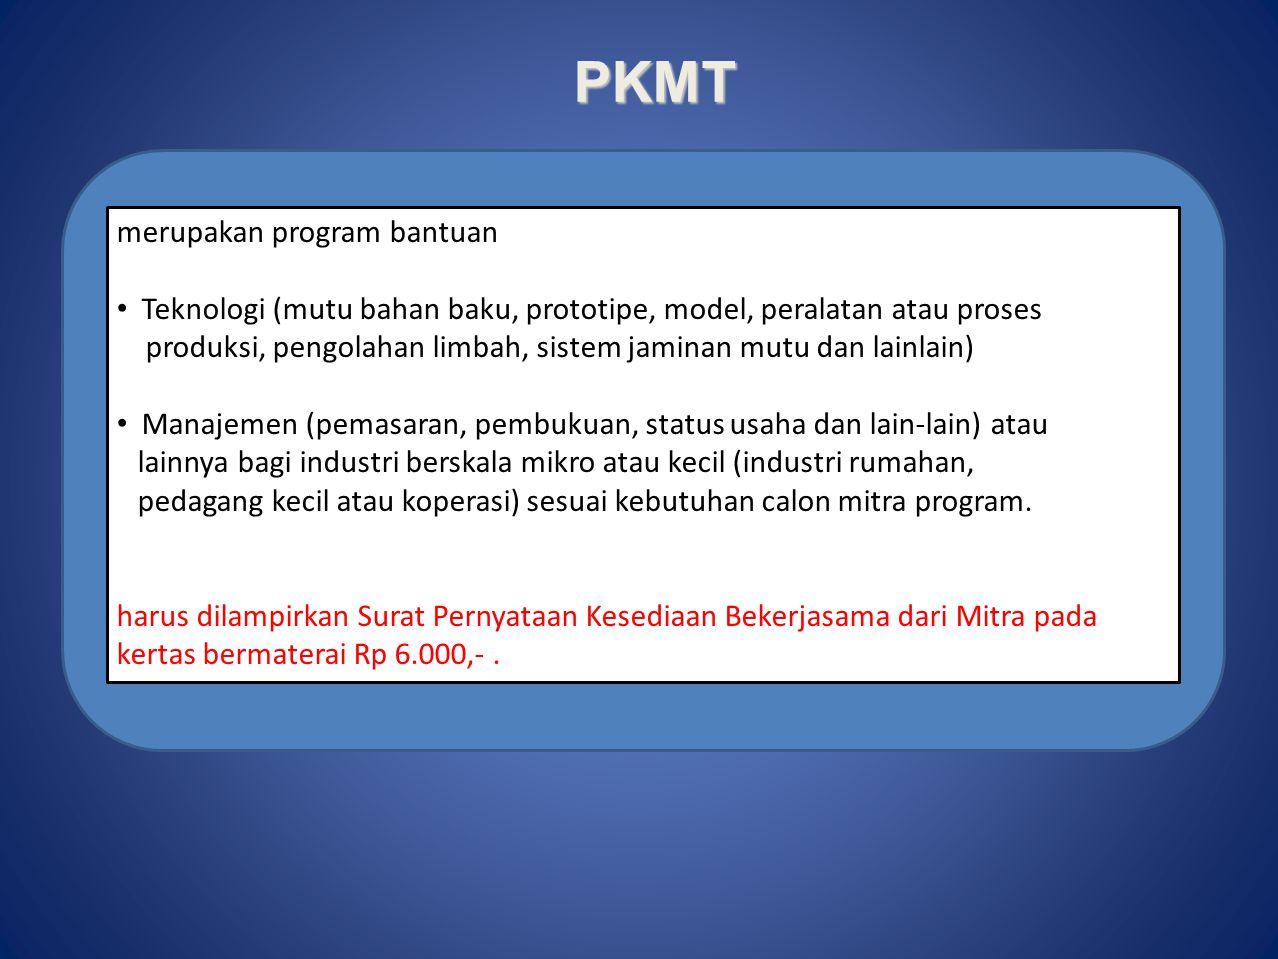 PKMK merupakan program pengembangan ketrampilan mahasiswa dalam berwirausaha dan berorientasi pada profit. Komoditas usaha yang dihasilkan dapat berup